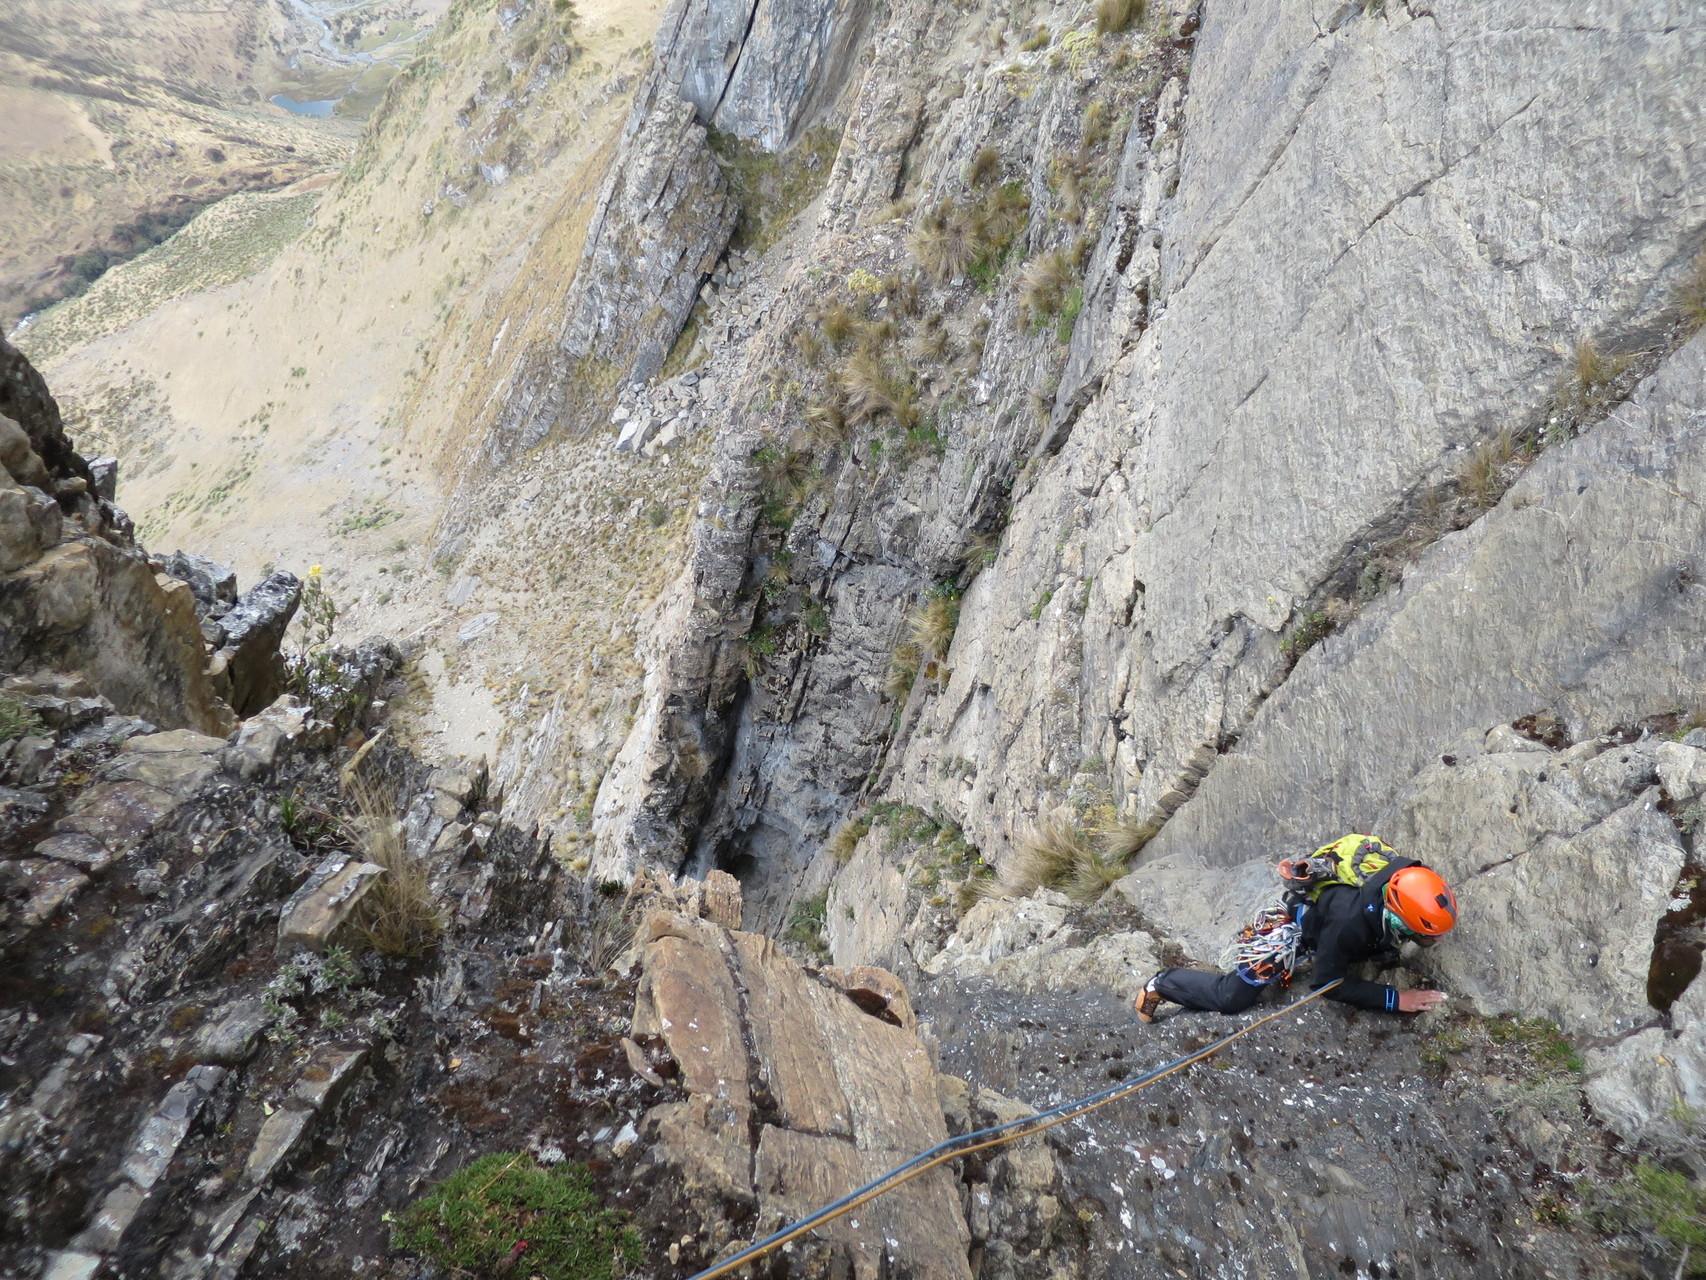 Damian am Ausstieg der 50m langen Schlüssellänge